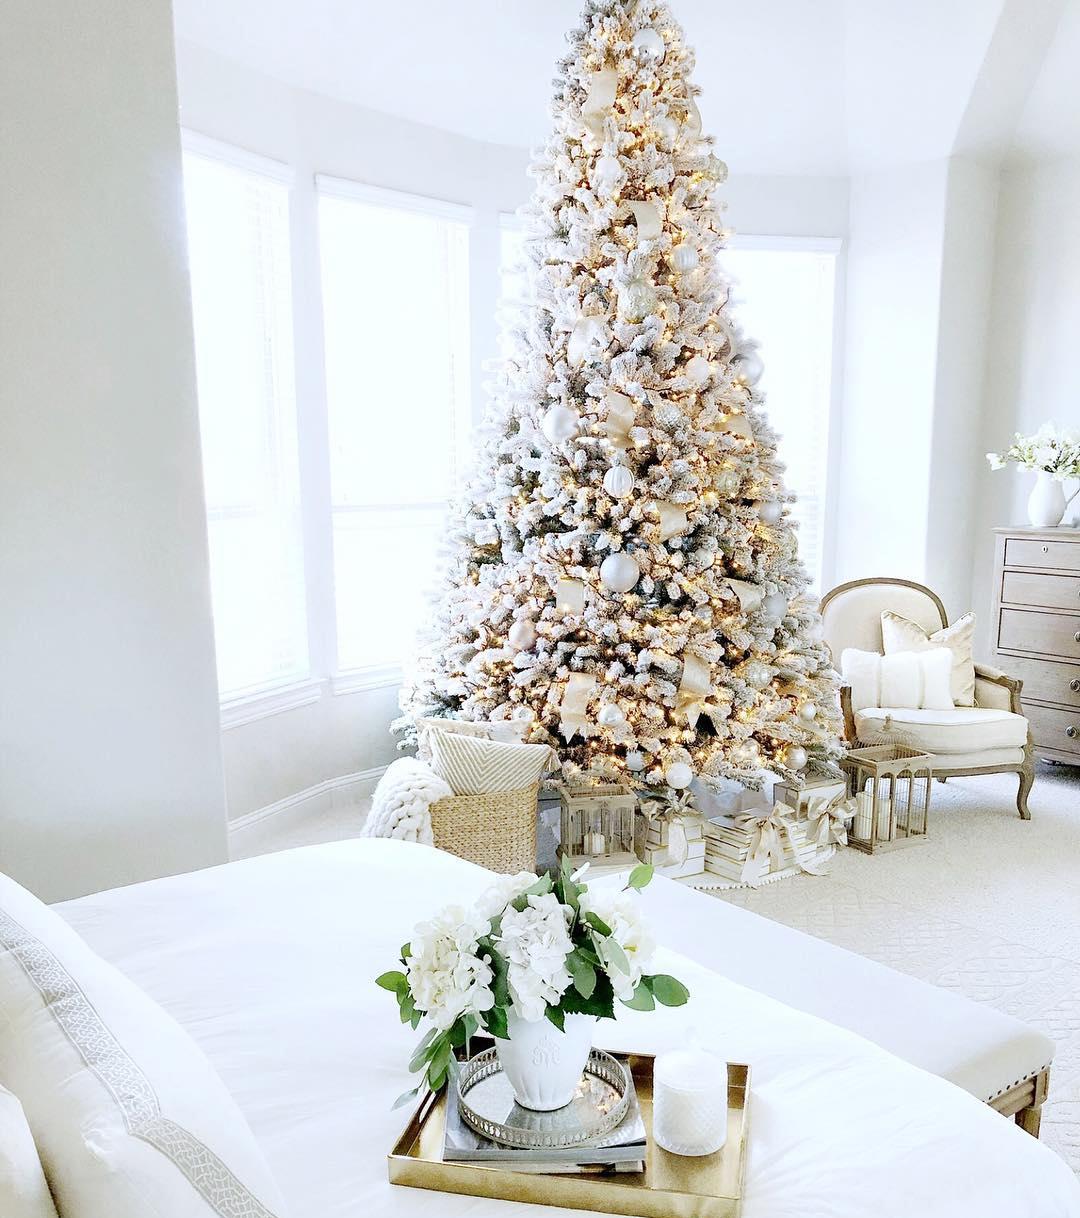 White Christmas Tree Image courtesy of: @mytexasfarmhouse